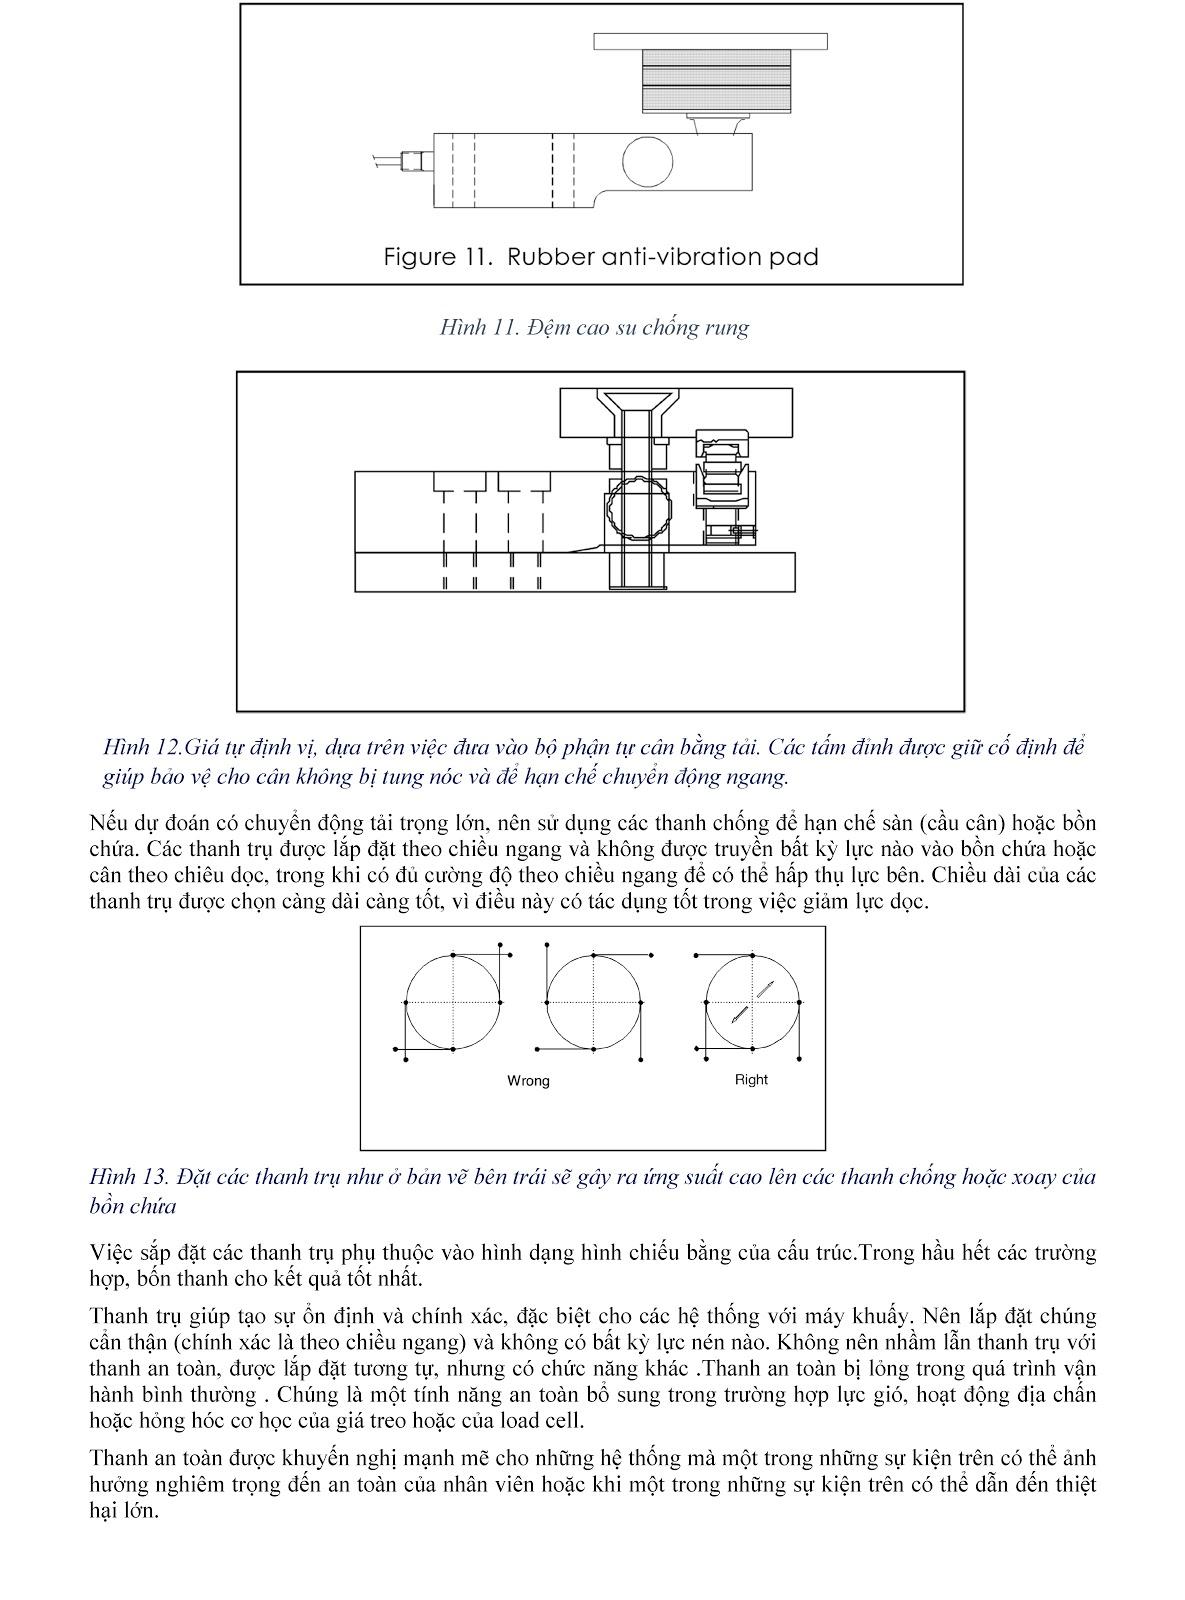 Lưu ý kỹ thuật về Load cell và module cân điện tử (tt) 11